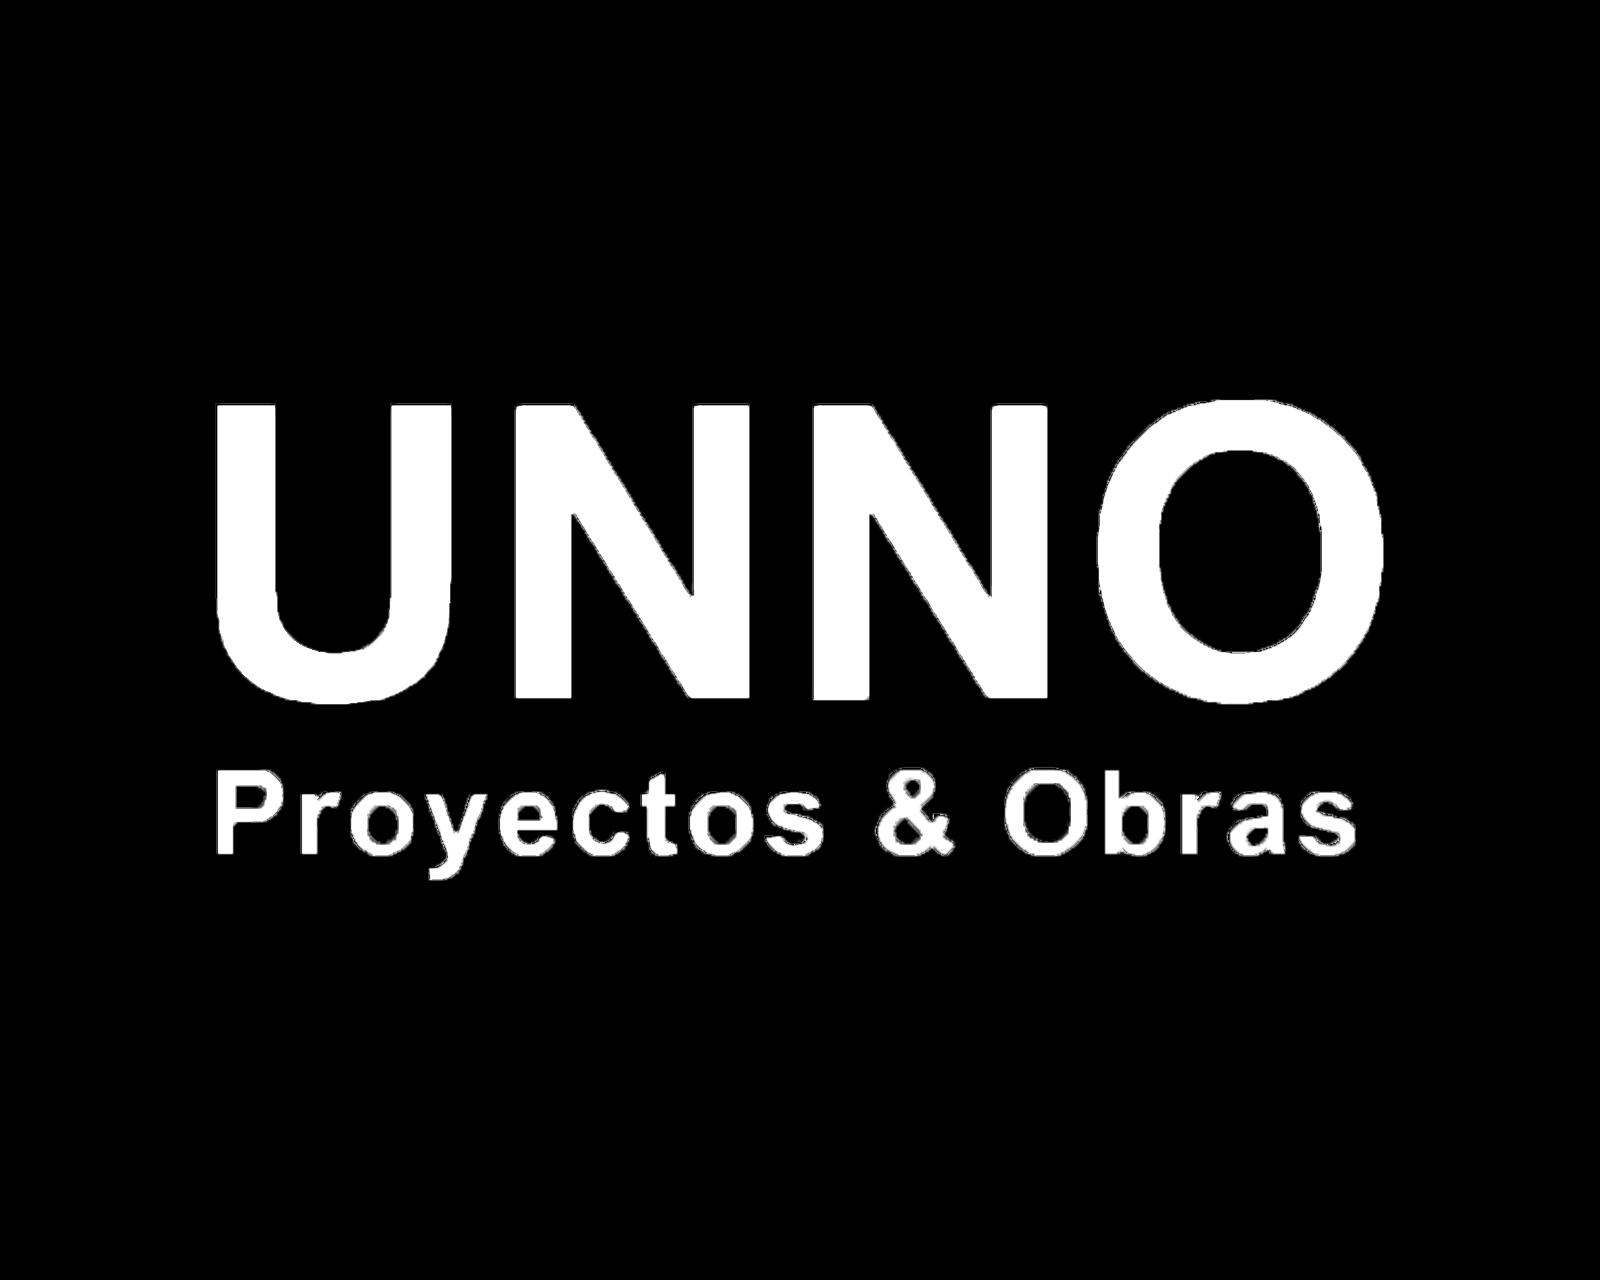 UNNO Proyectos & Obras